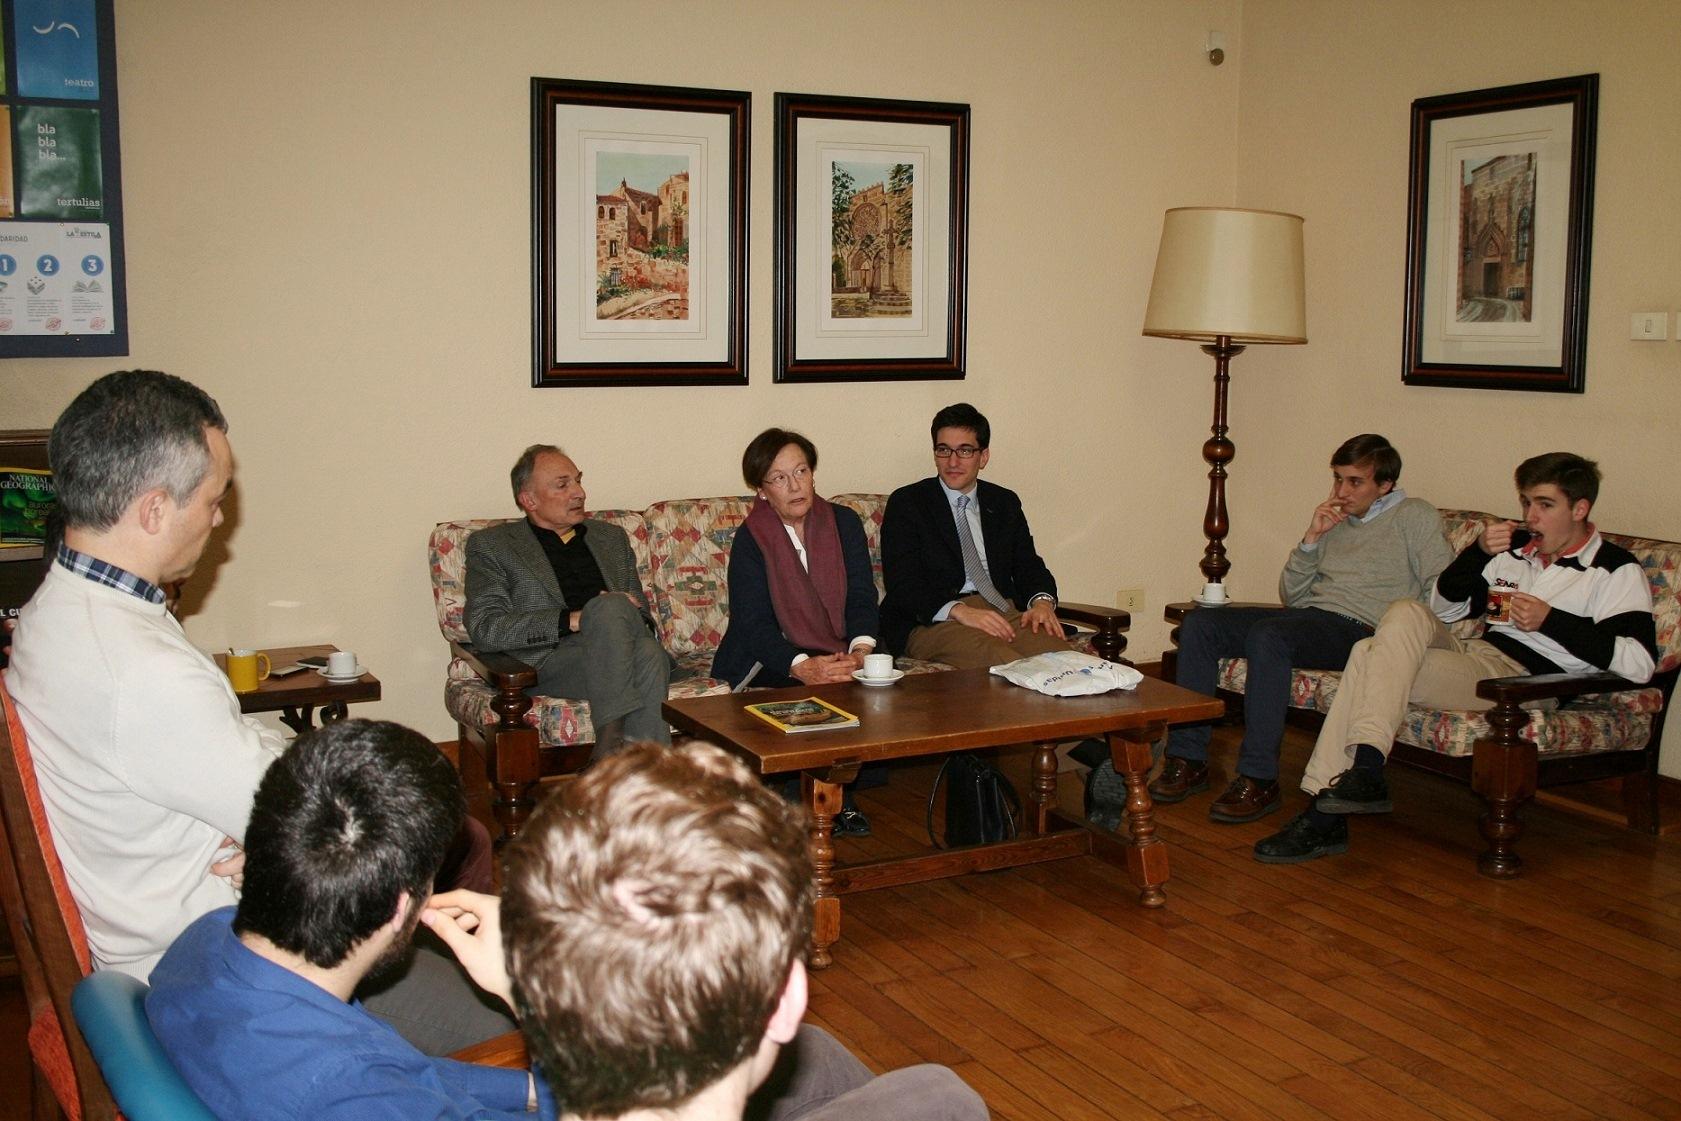 La Delegada en Santiago de Manos Unidas, visita el Colegio Mayor para presentar el trabajo de su organización